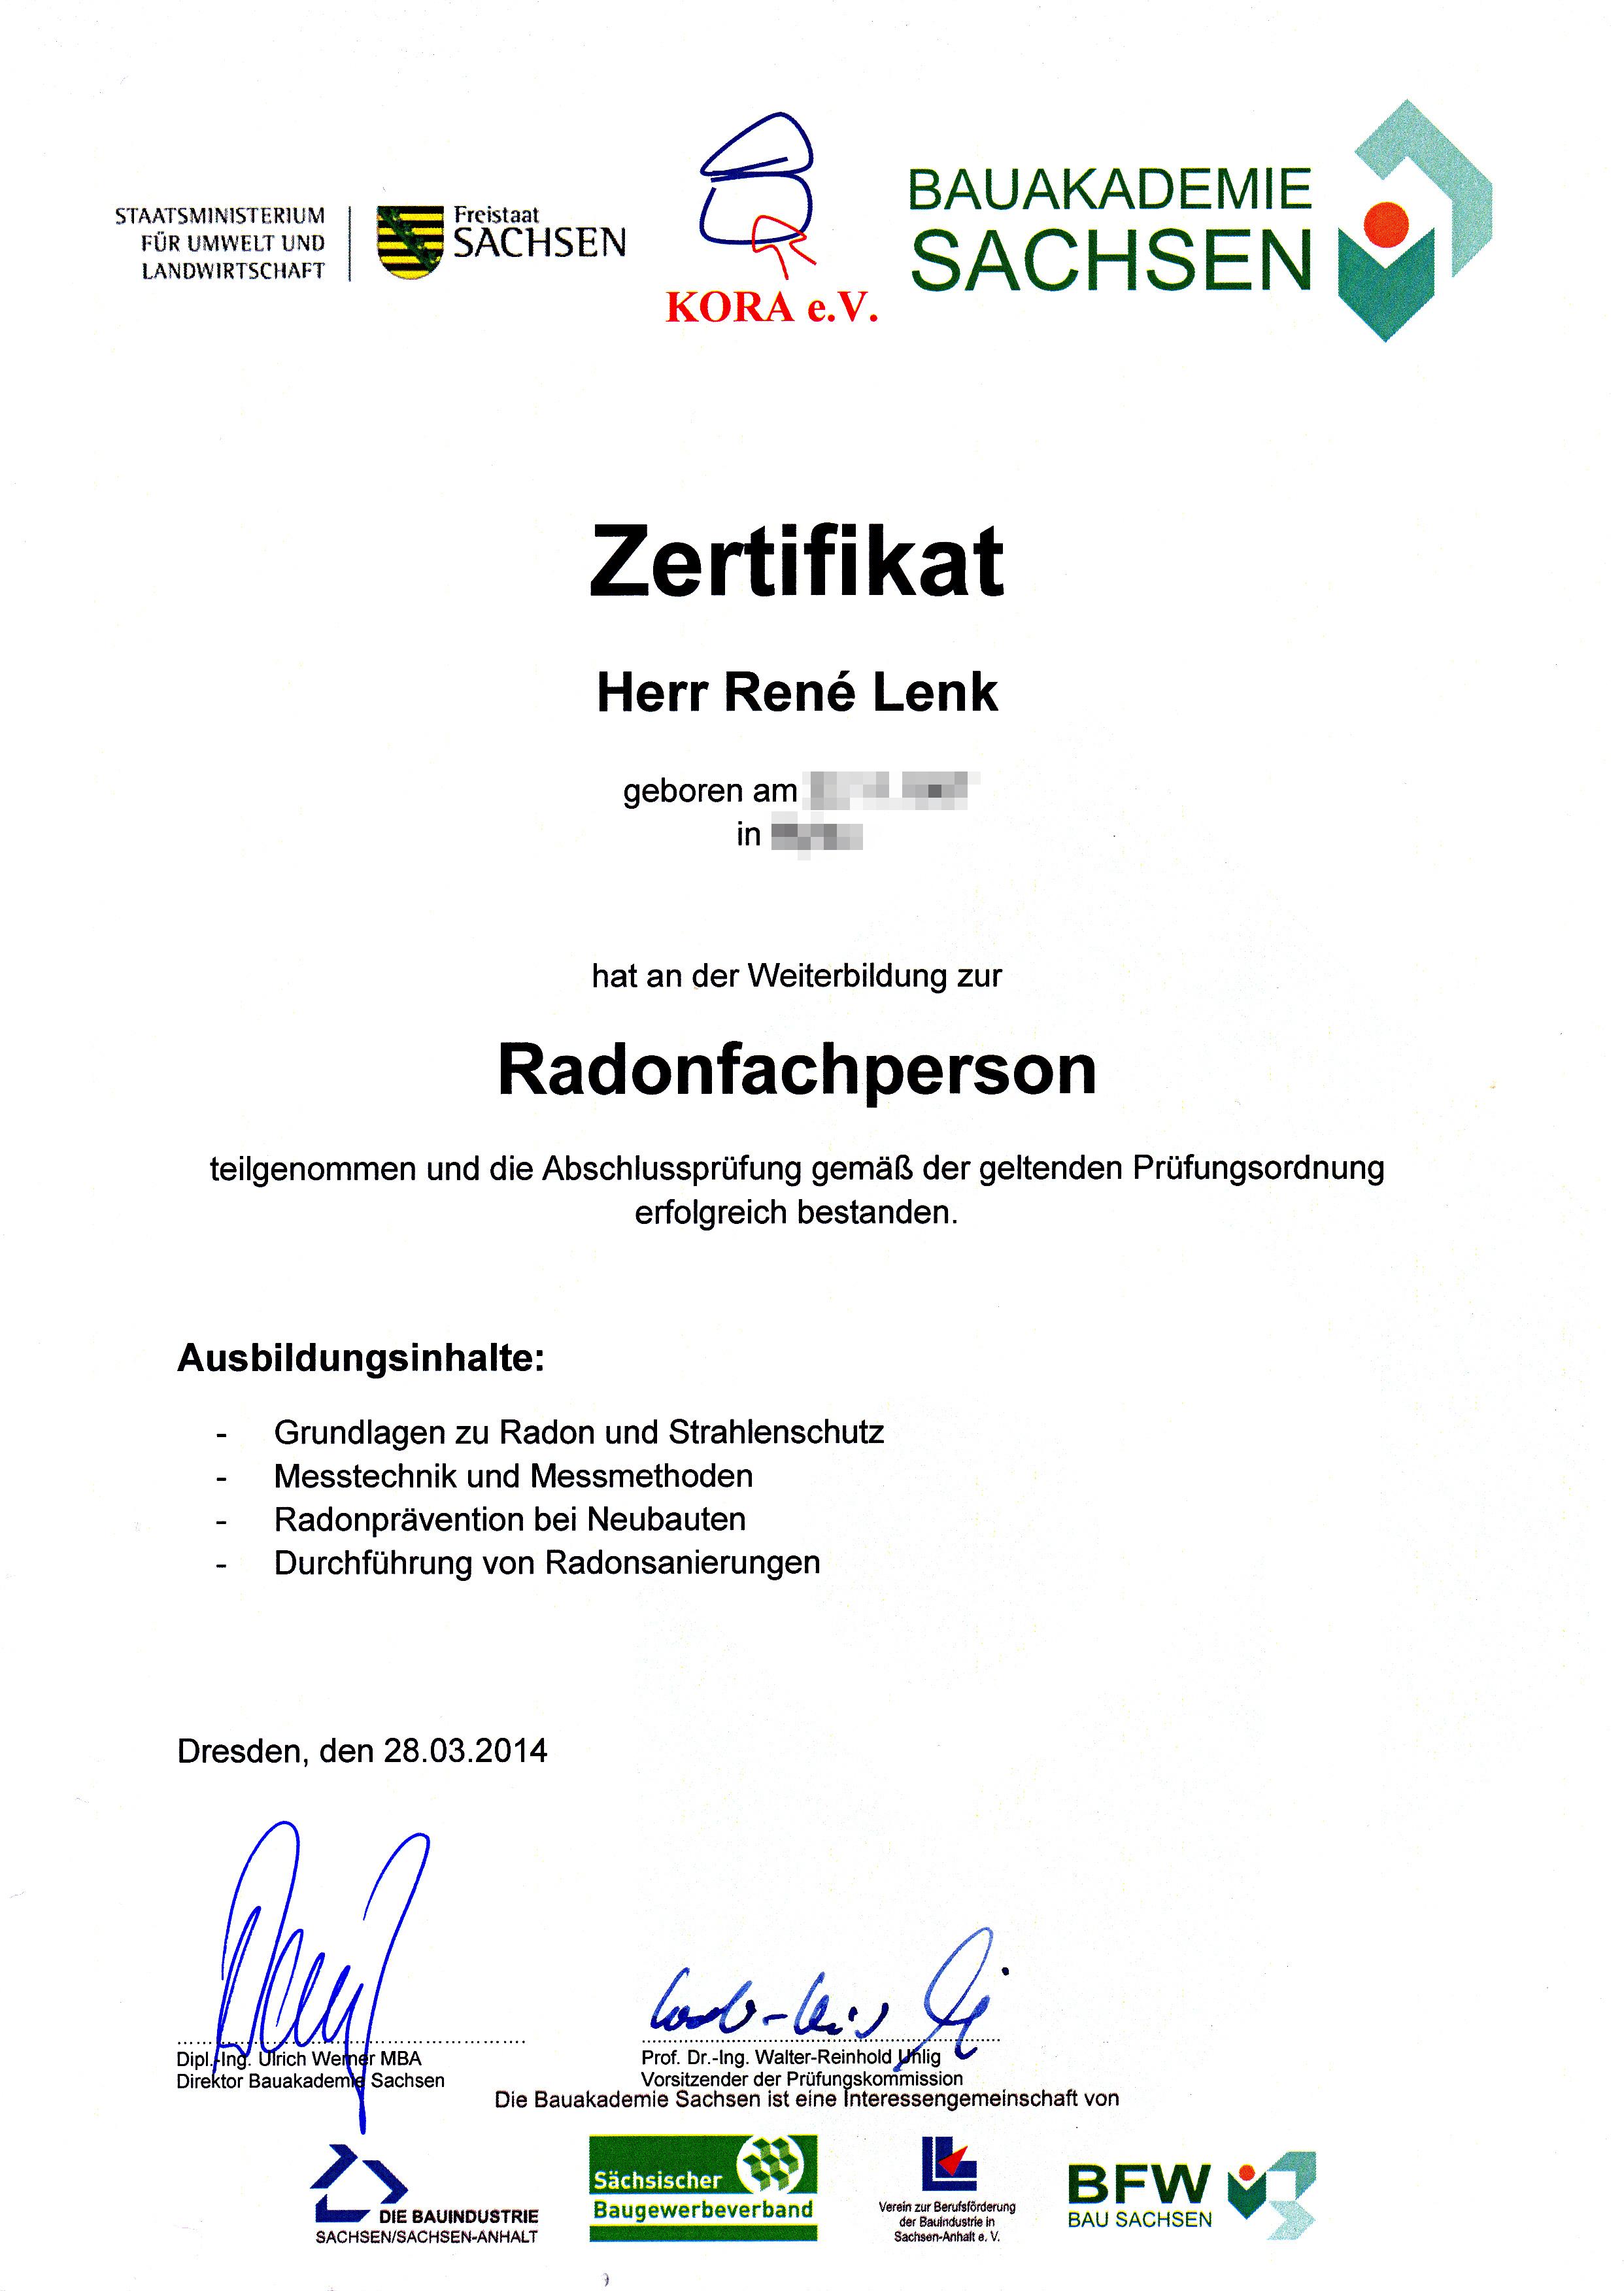 Von der Bauakademie Sachsen am 28.03.2014 zertifizierte Radonfachperson.